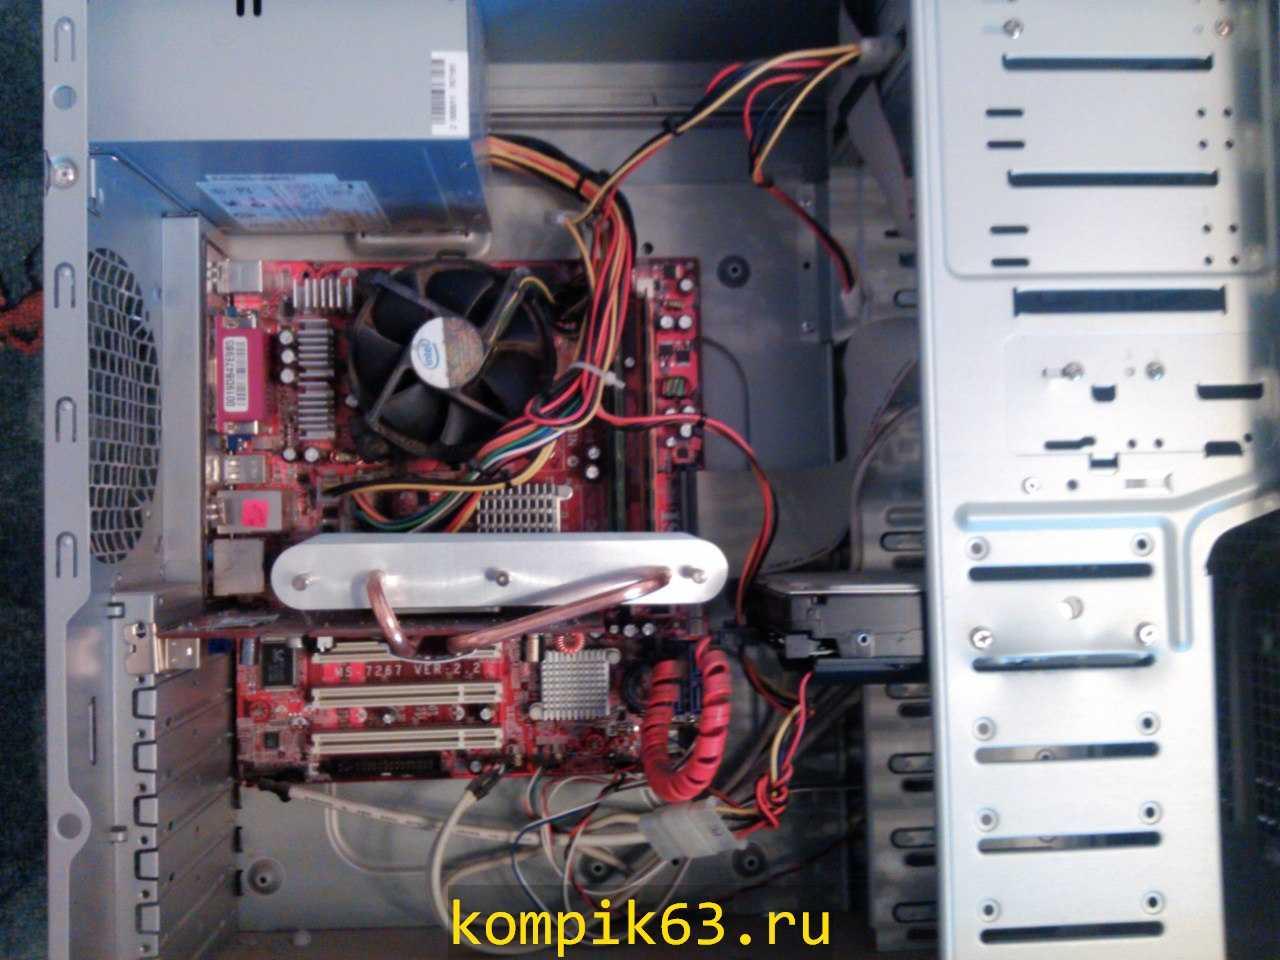 kompik63.ru-135